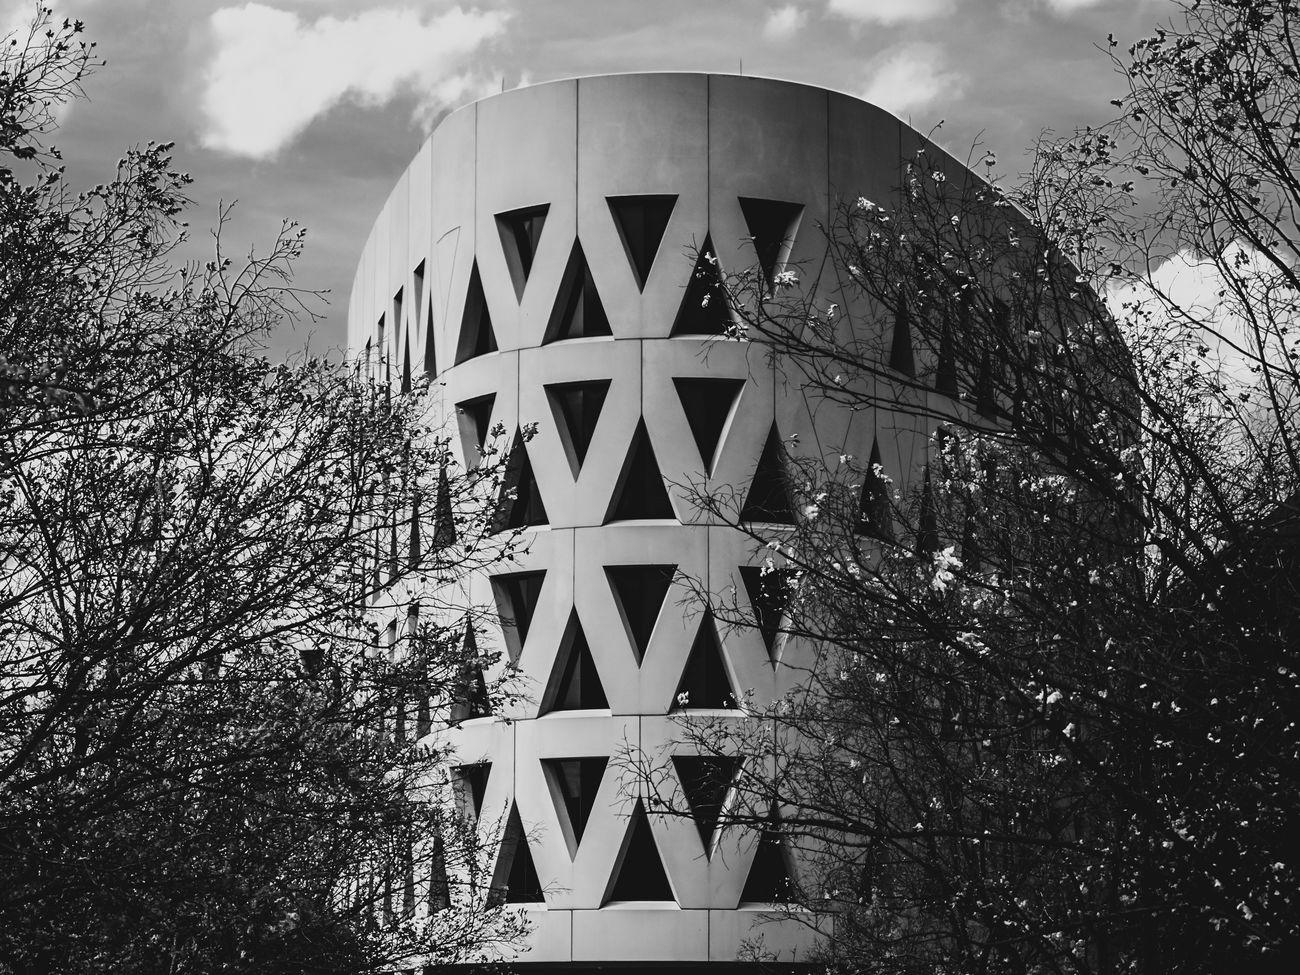 Architecture Black And White